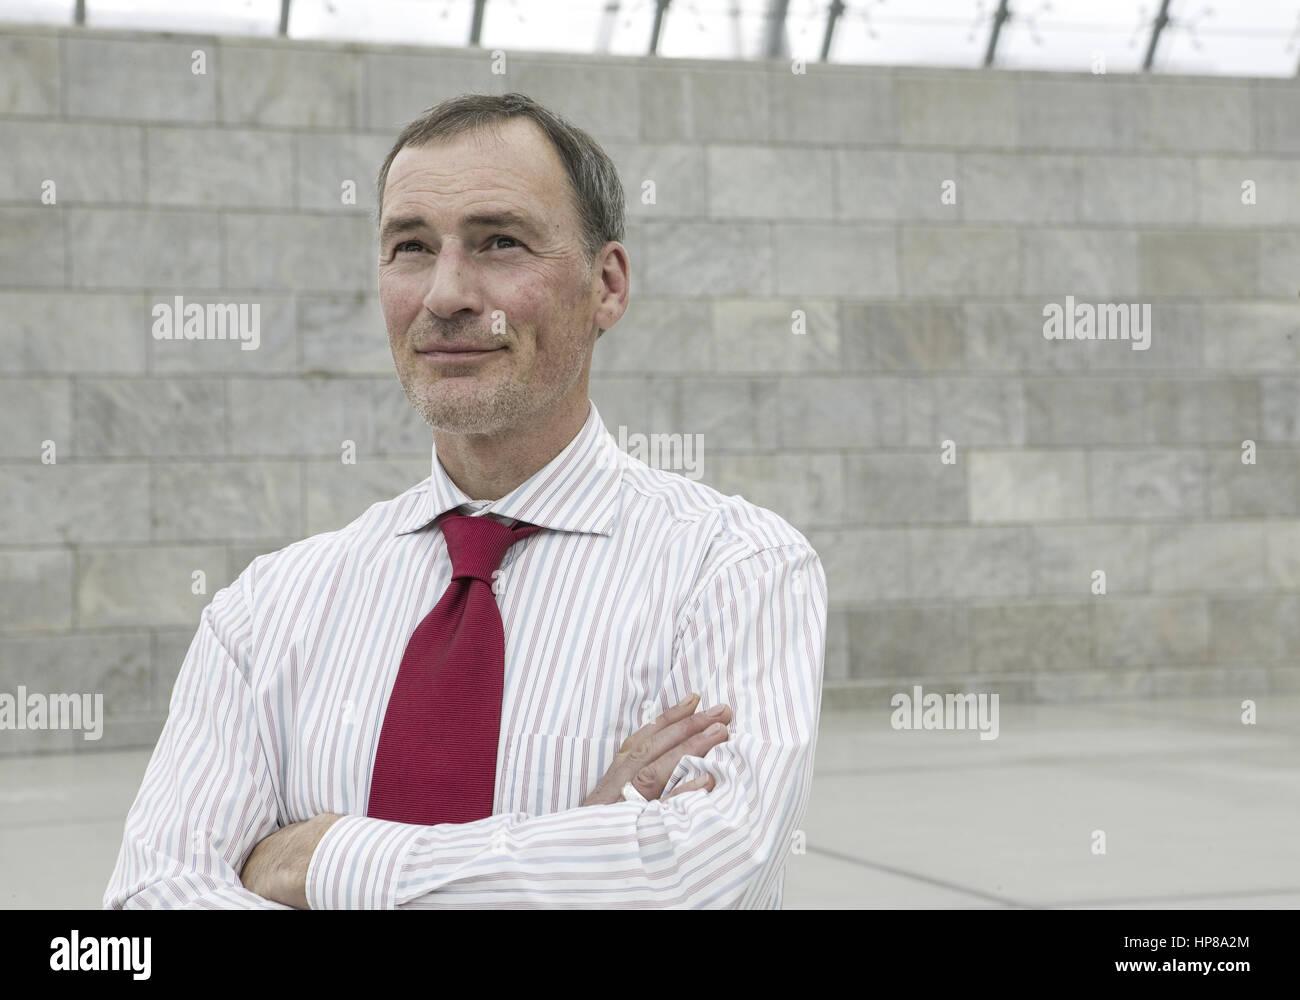 Mann, verschraenkte Arme, Halbportraet (model-released) Stock Photo